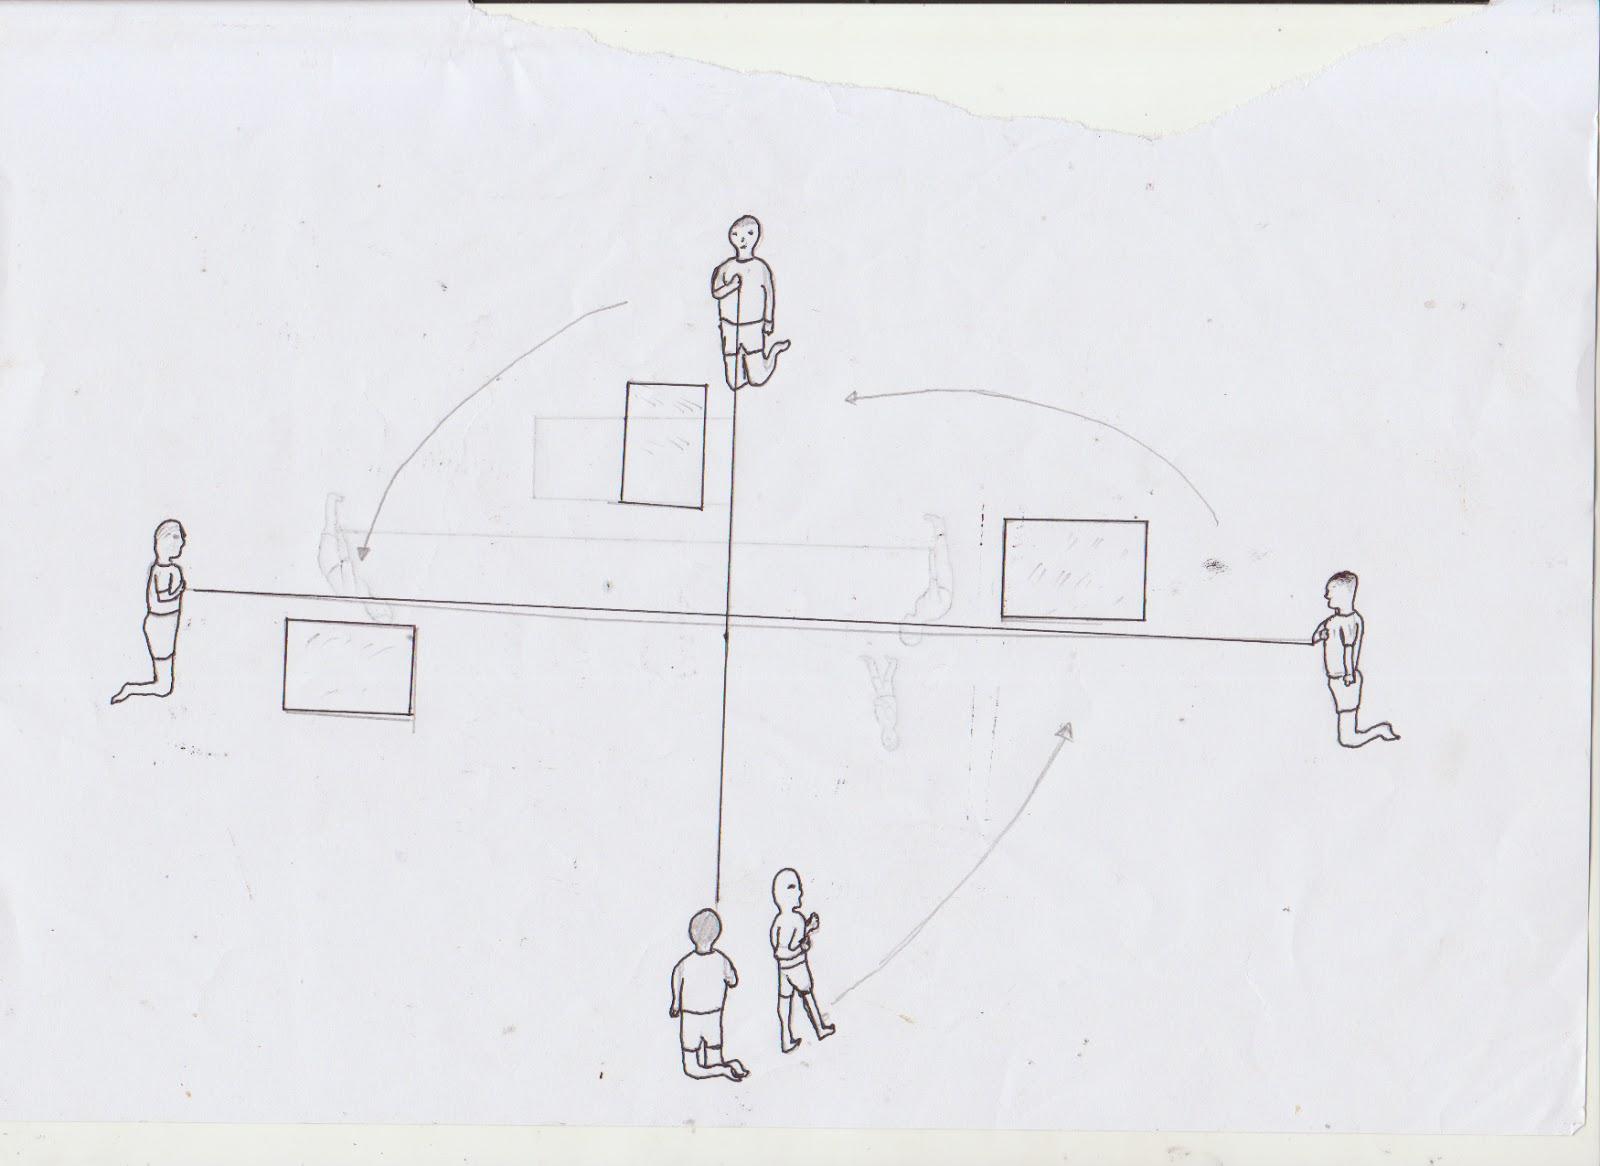 Berbagi Ilmu Tentang Anak Usia Dini: Lompat Tali